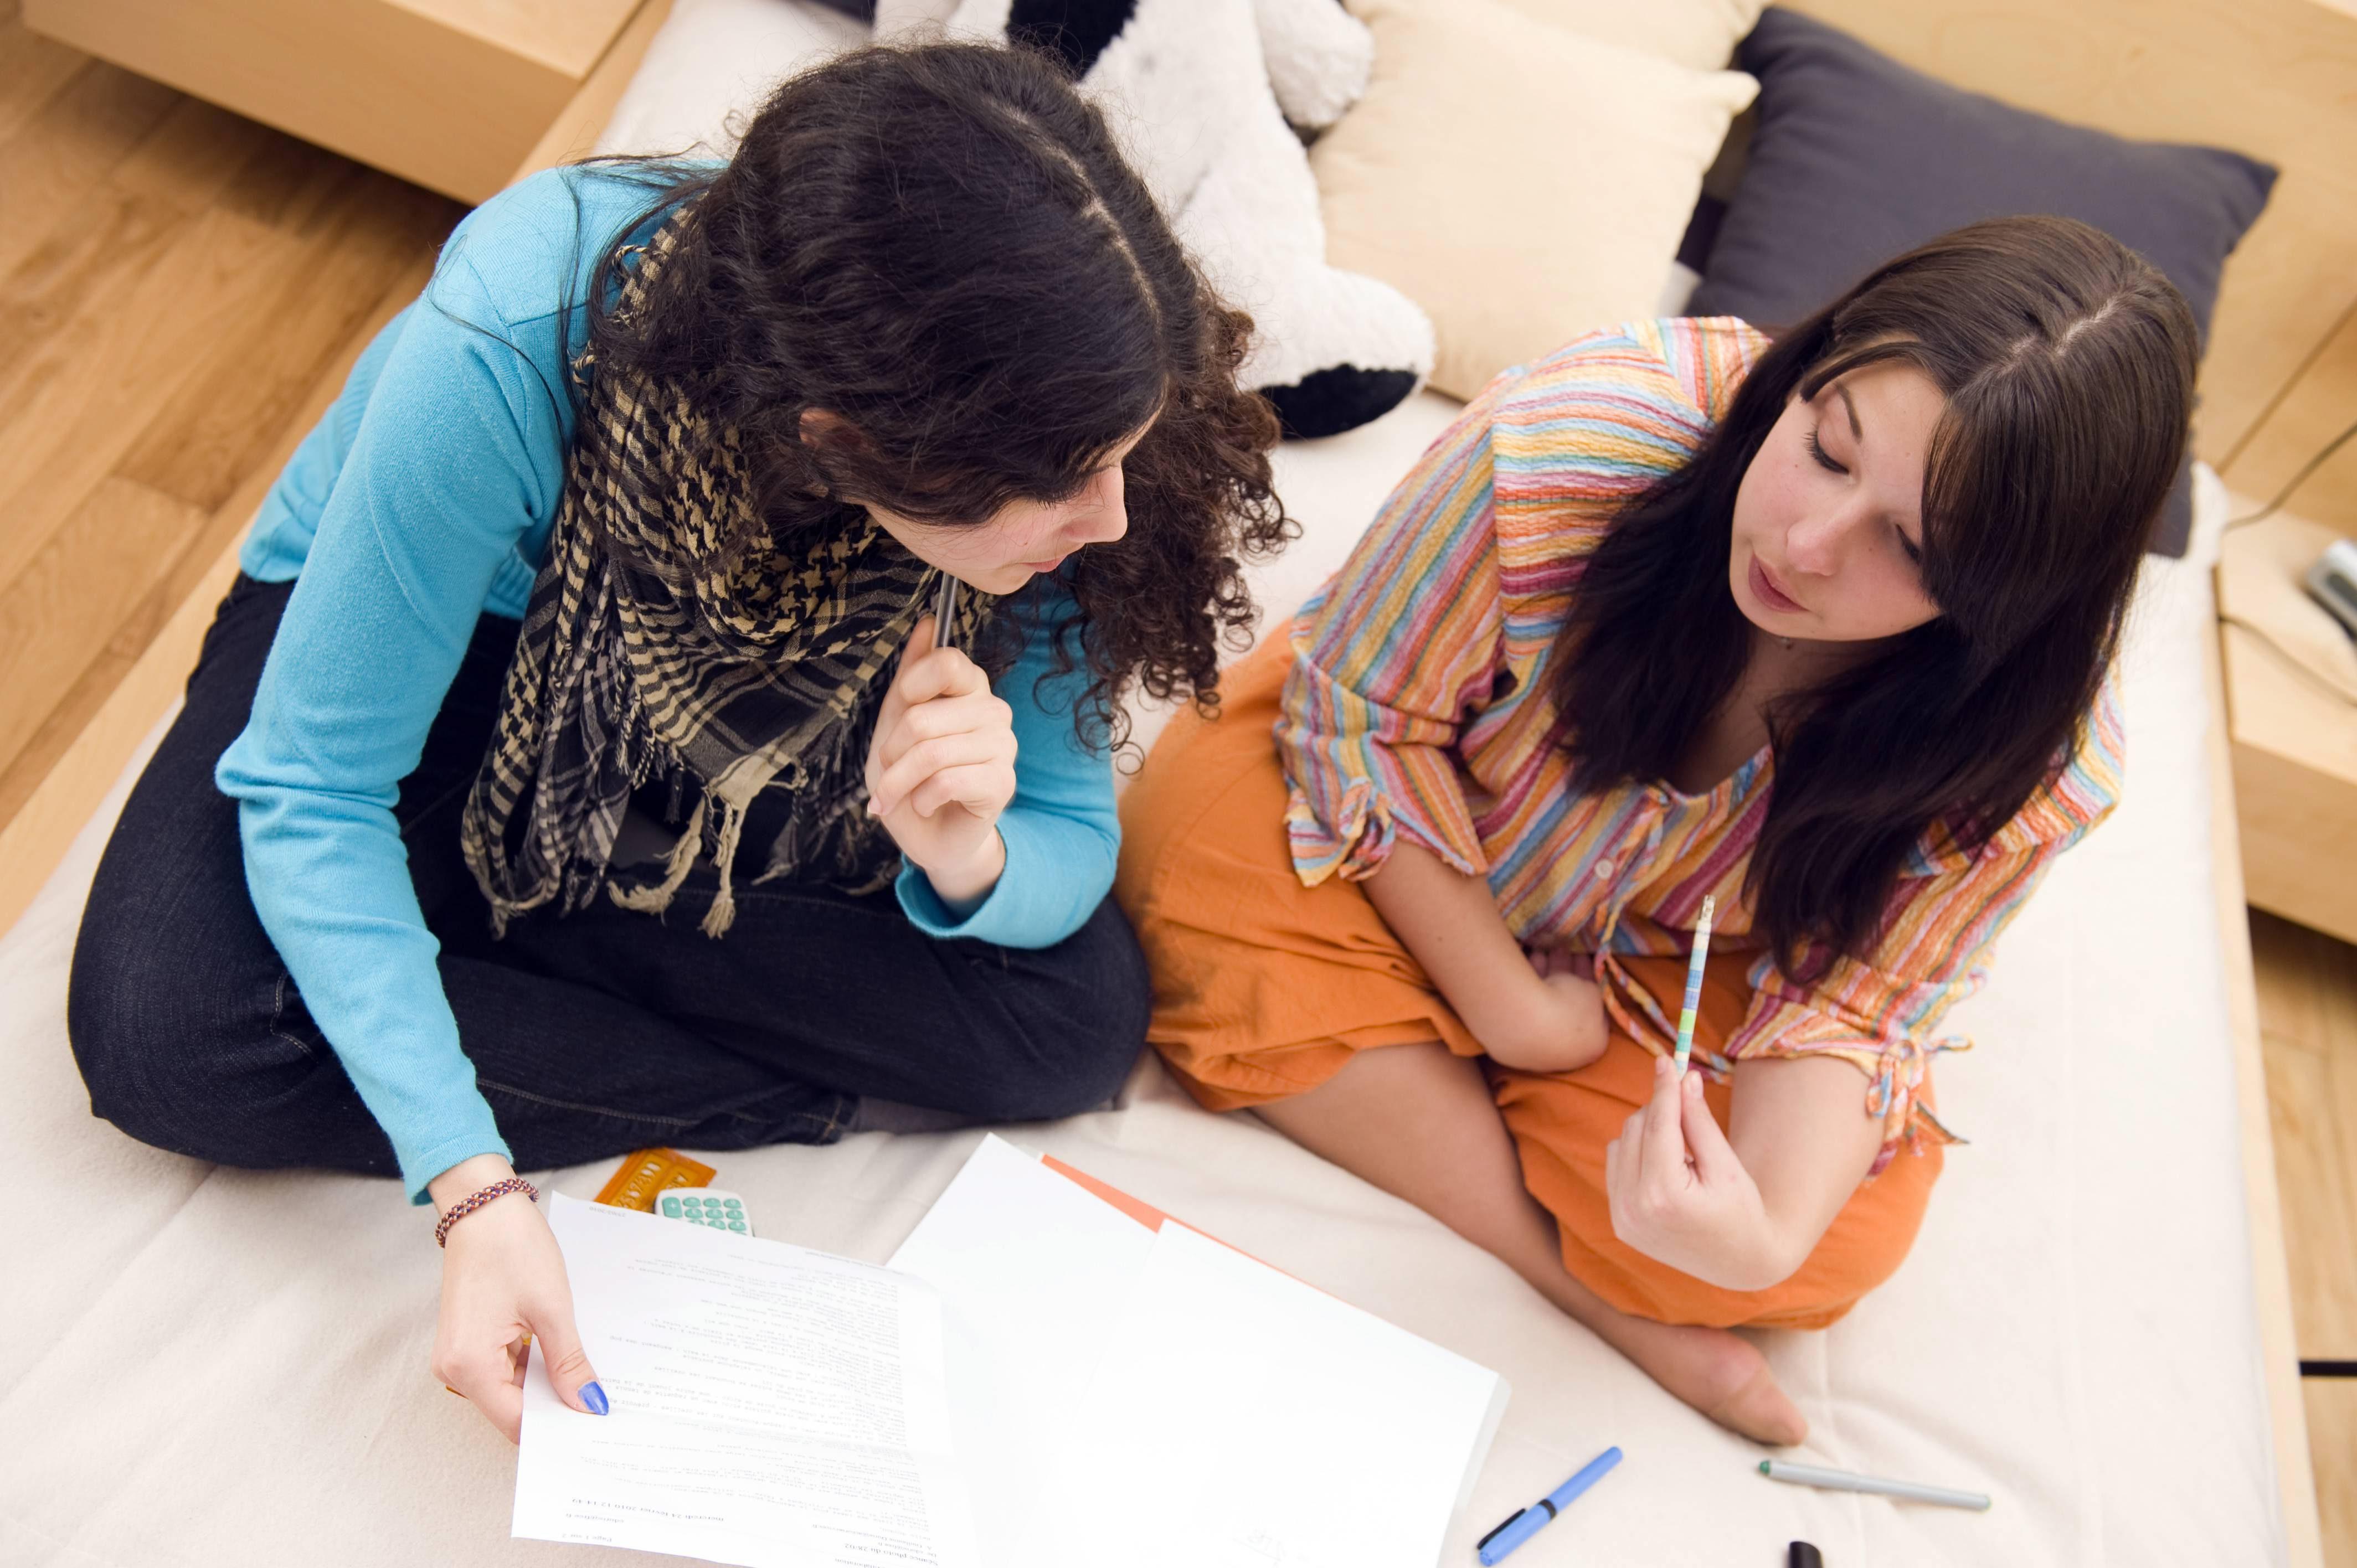 Deux lycéennes révisent leurs cours dans leur chambre d'internat